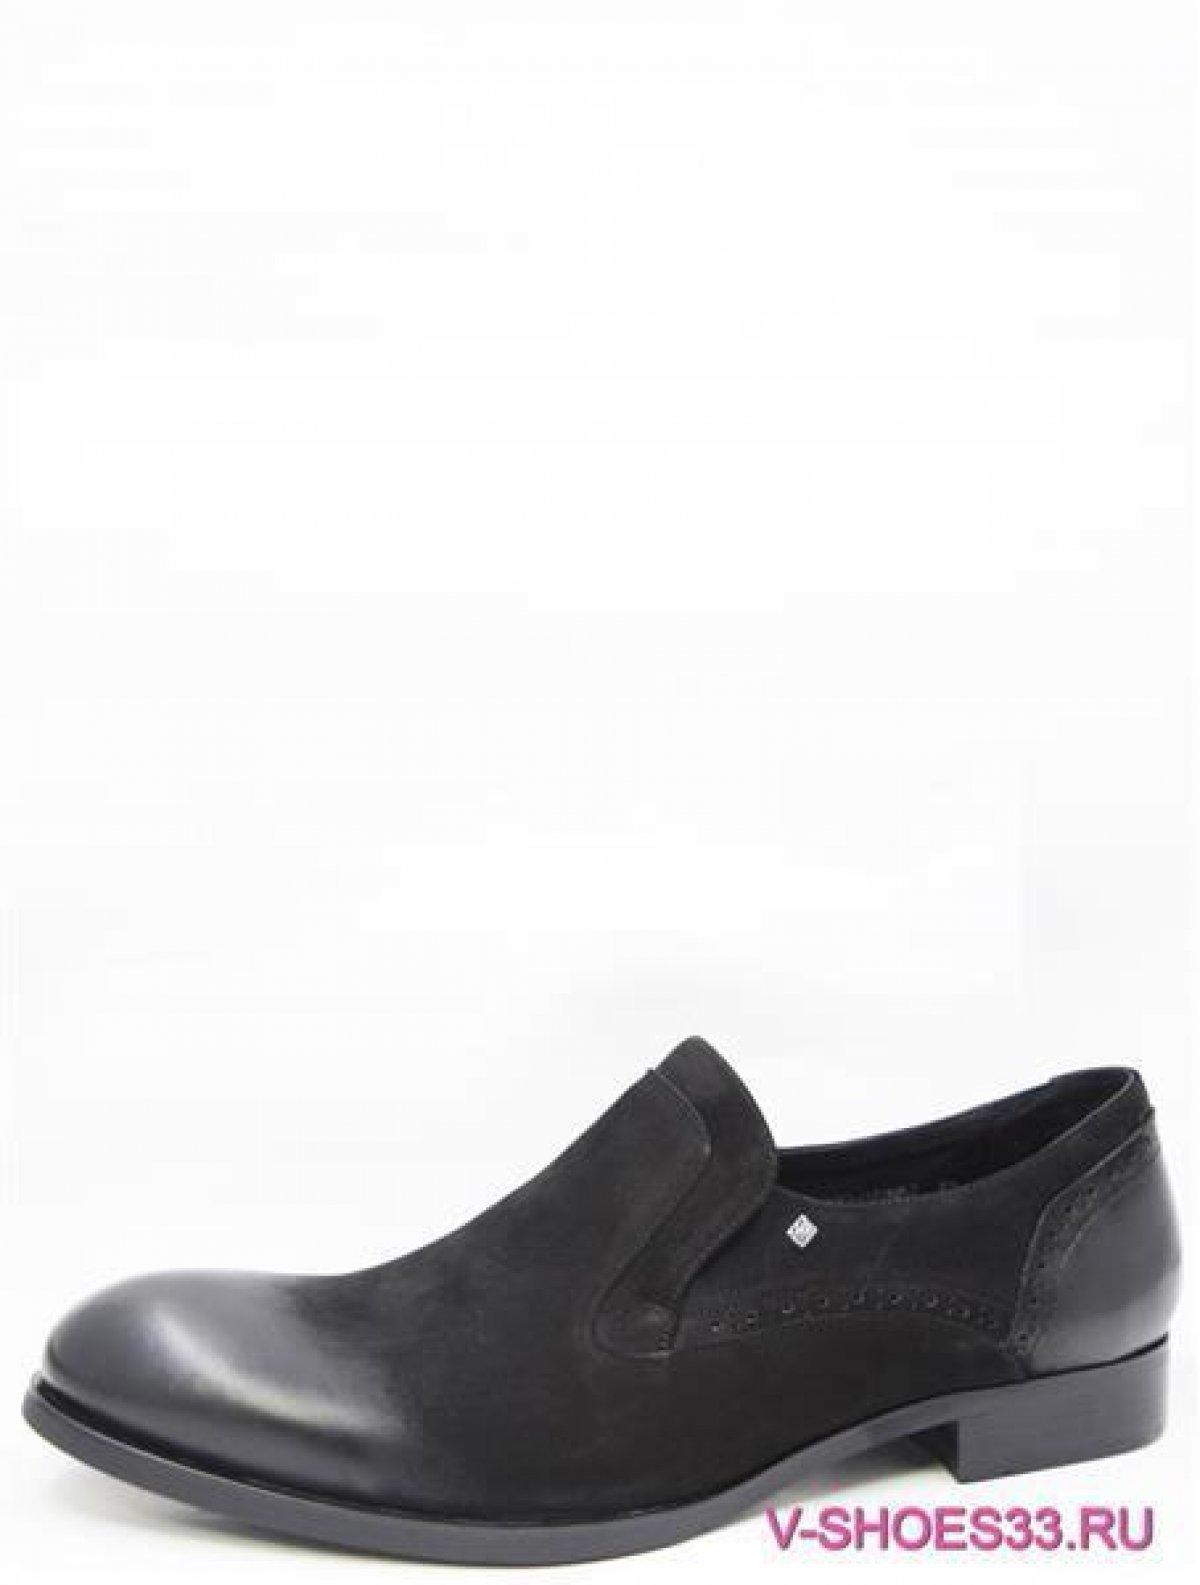 V83-078957 мужские туфли